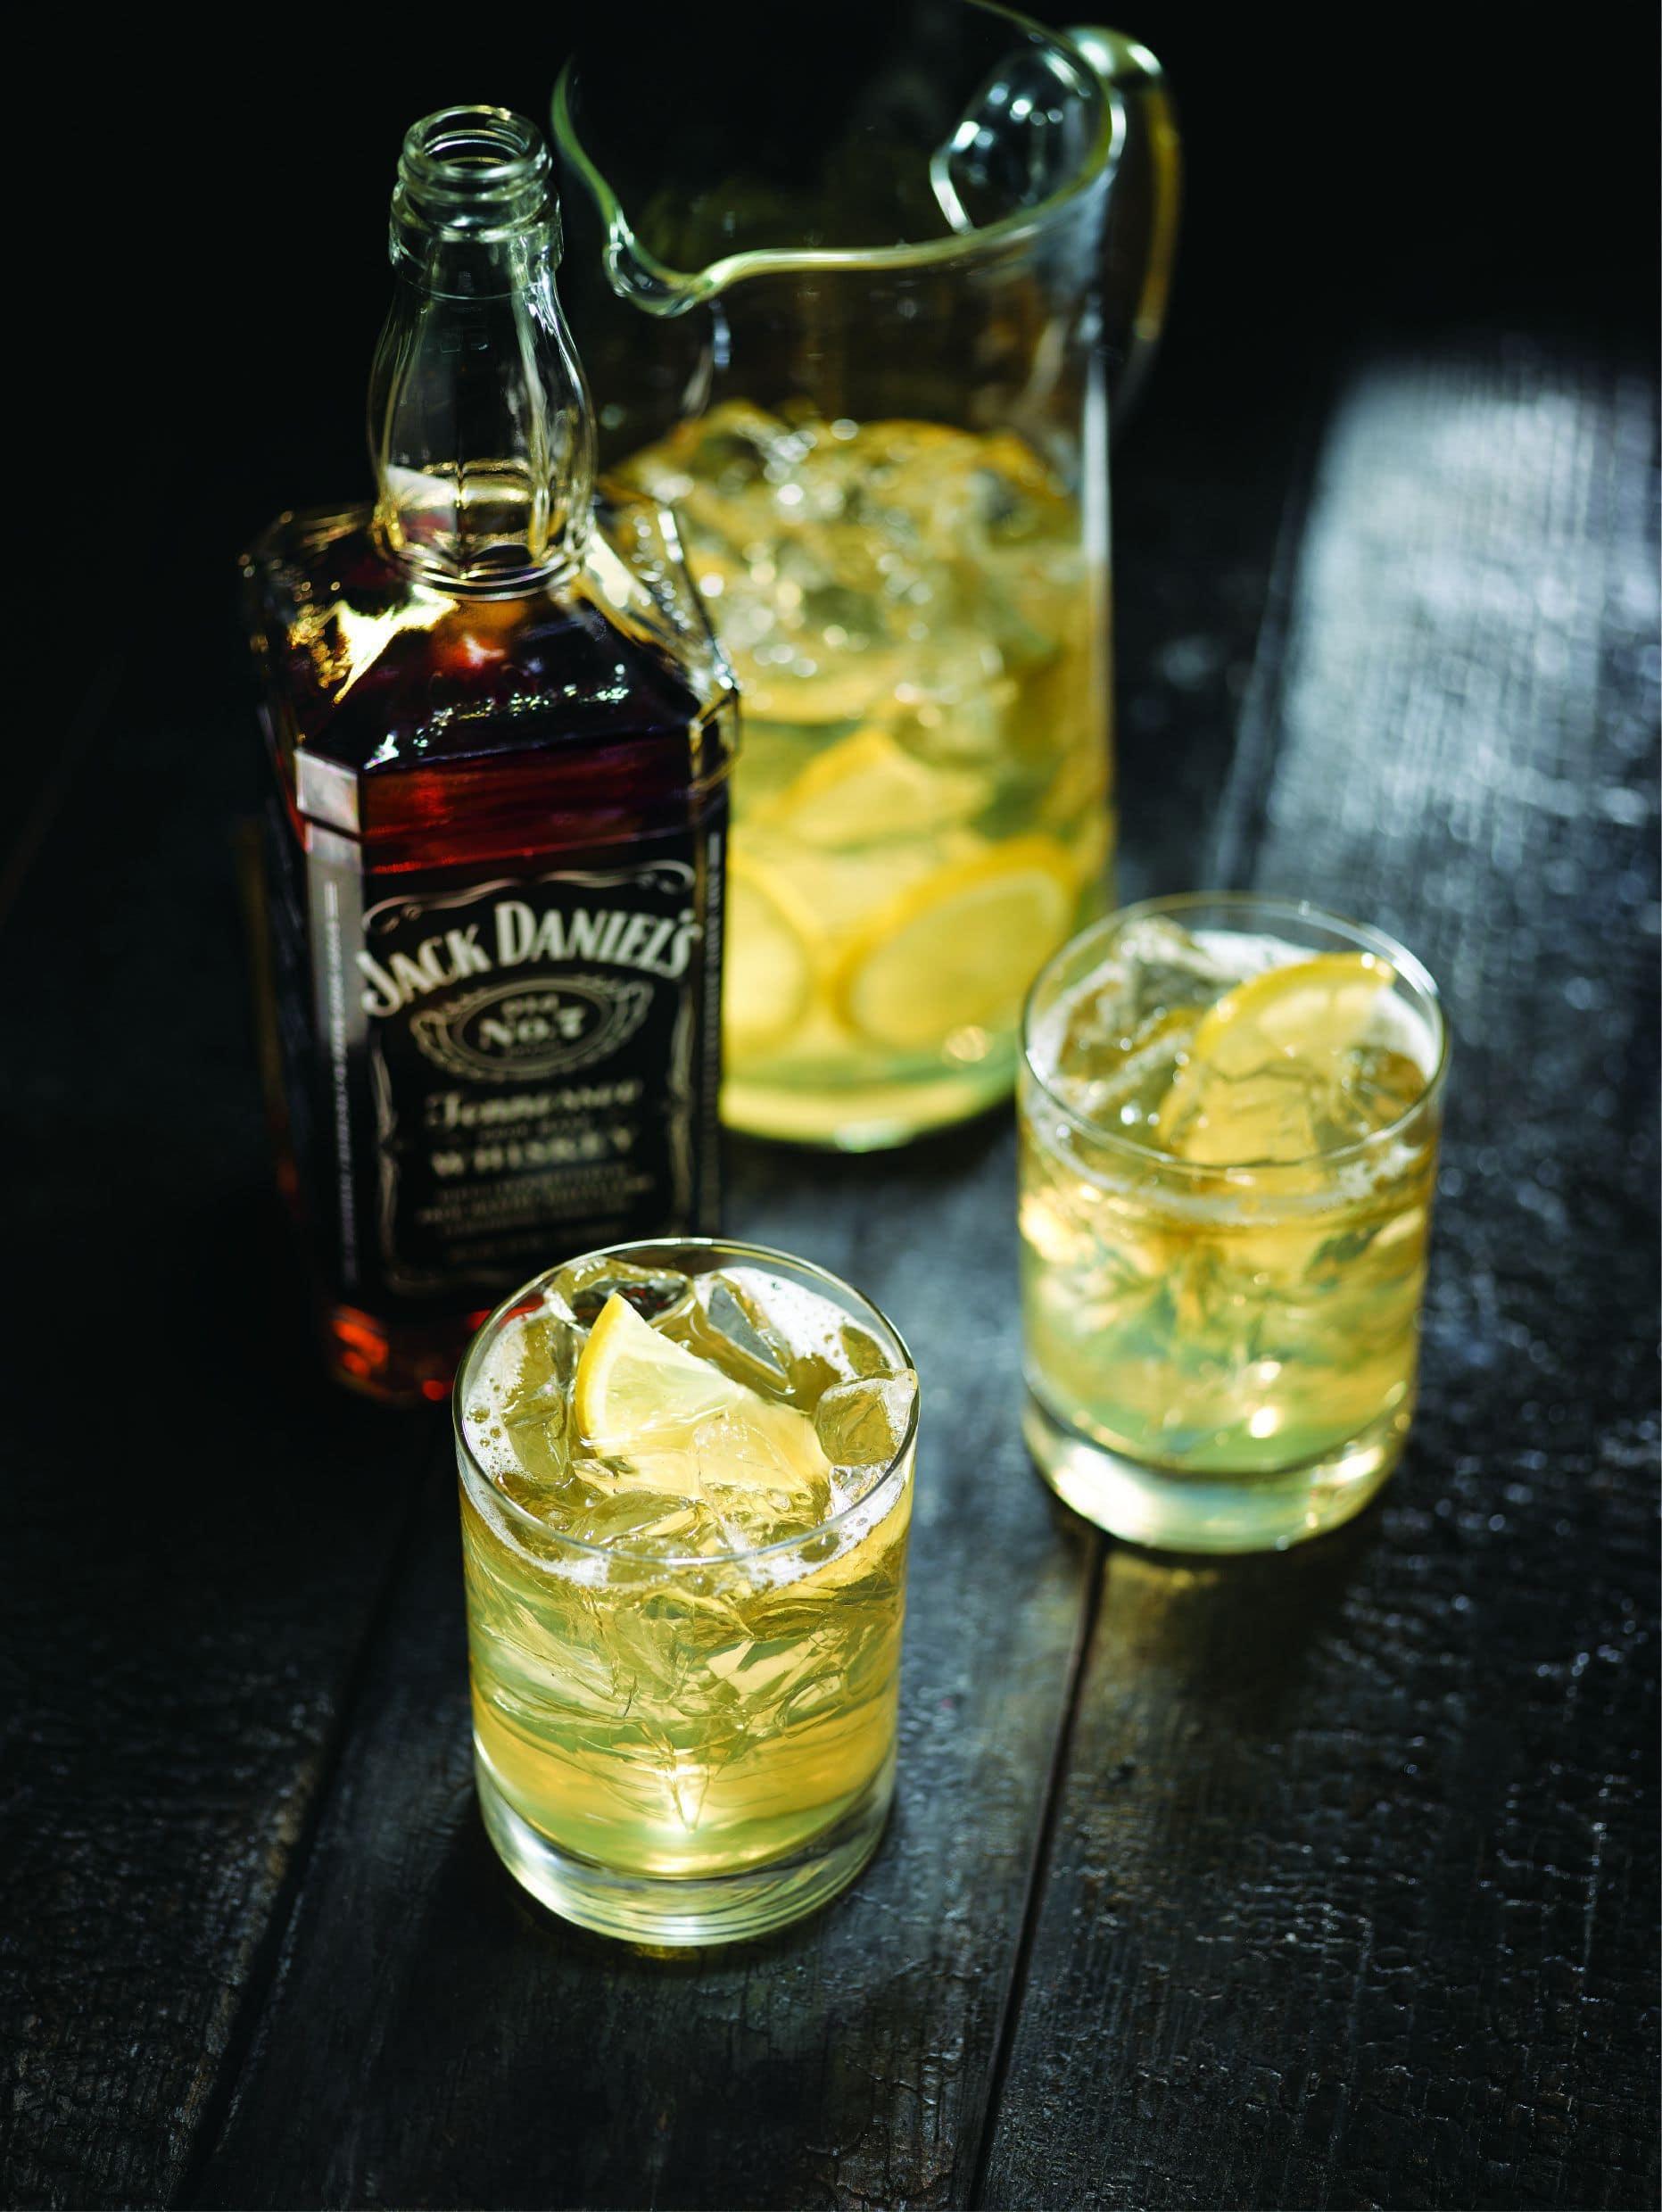 lynchburg lemonade cocktail special order alcohol. Black Bedroom Furniture Sets. Home Design Ideas